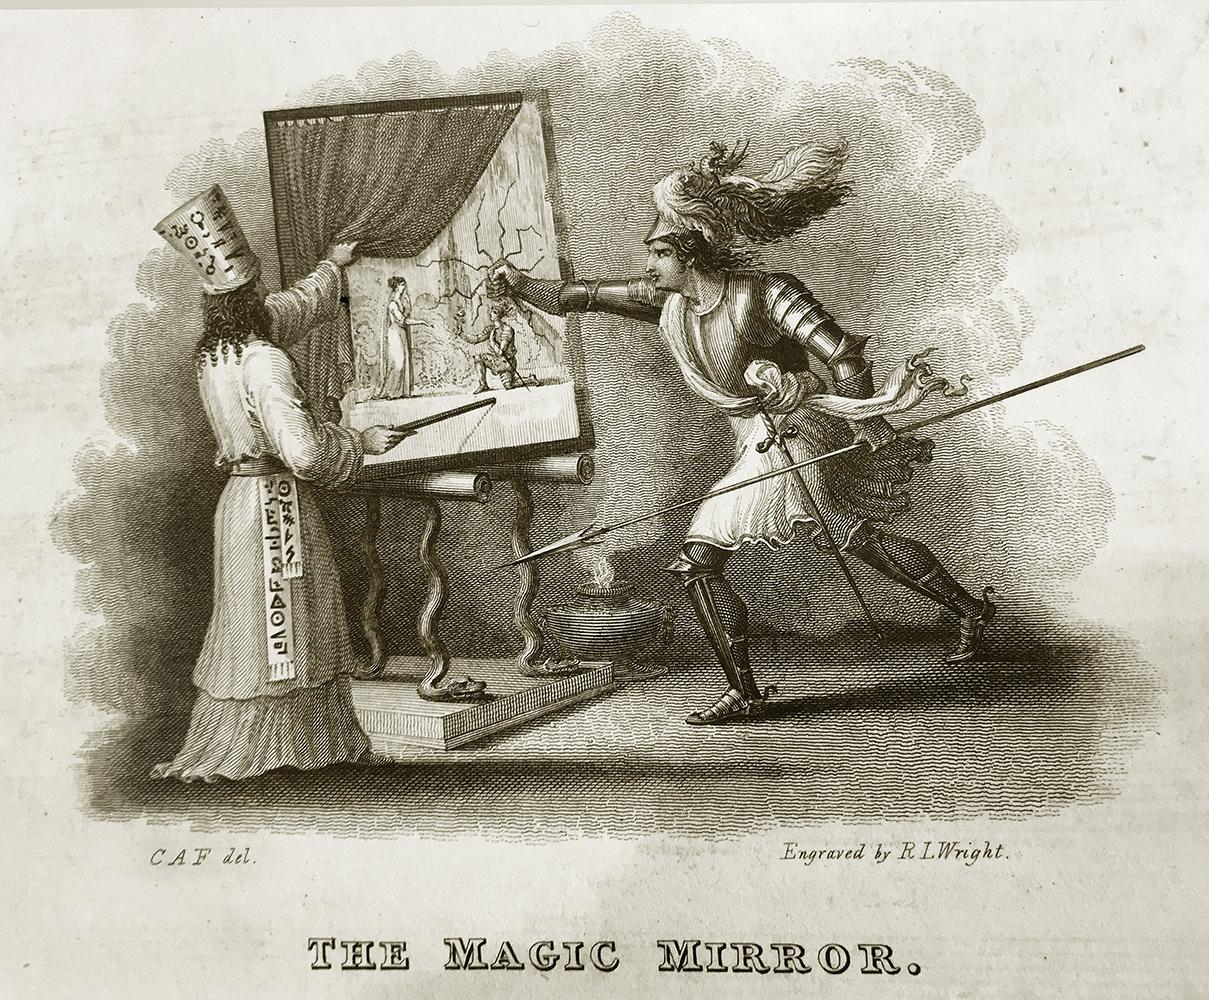 magicmirror-caf